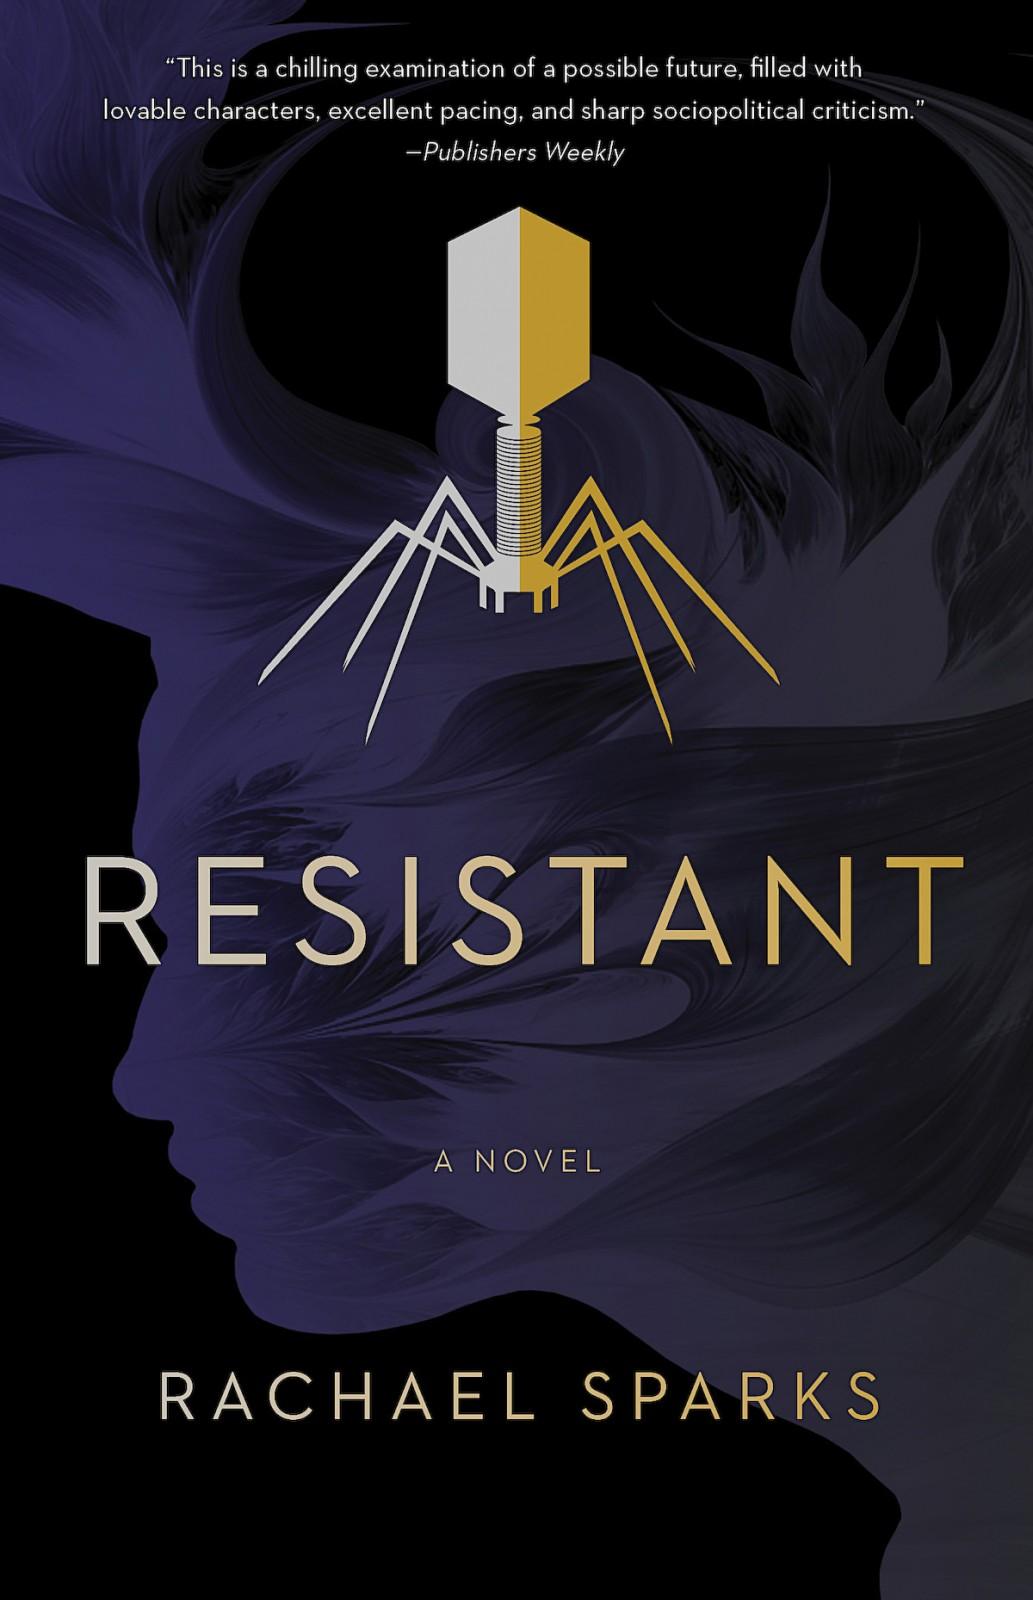 Resistant-A Novel